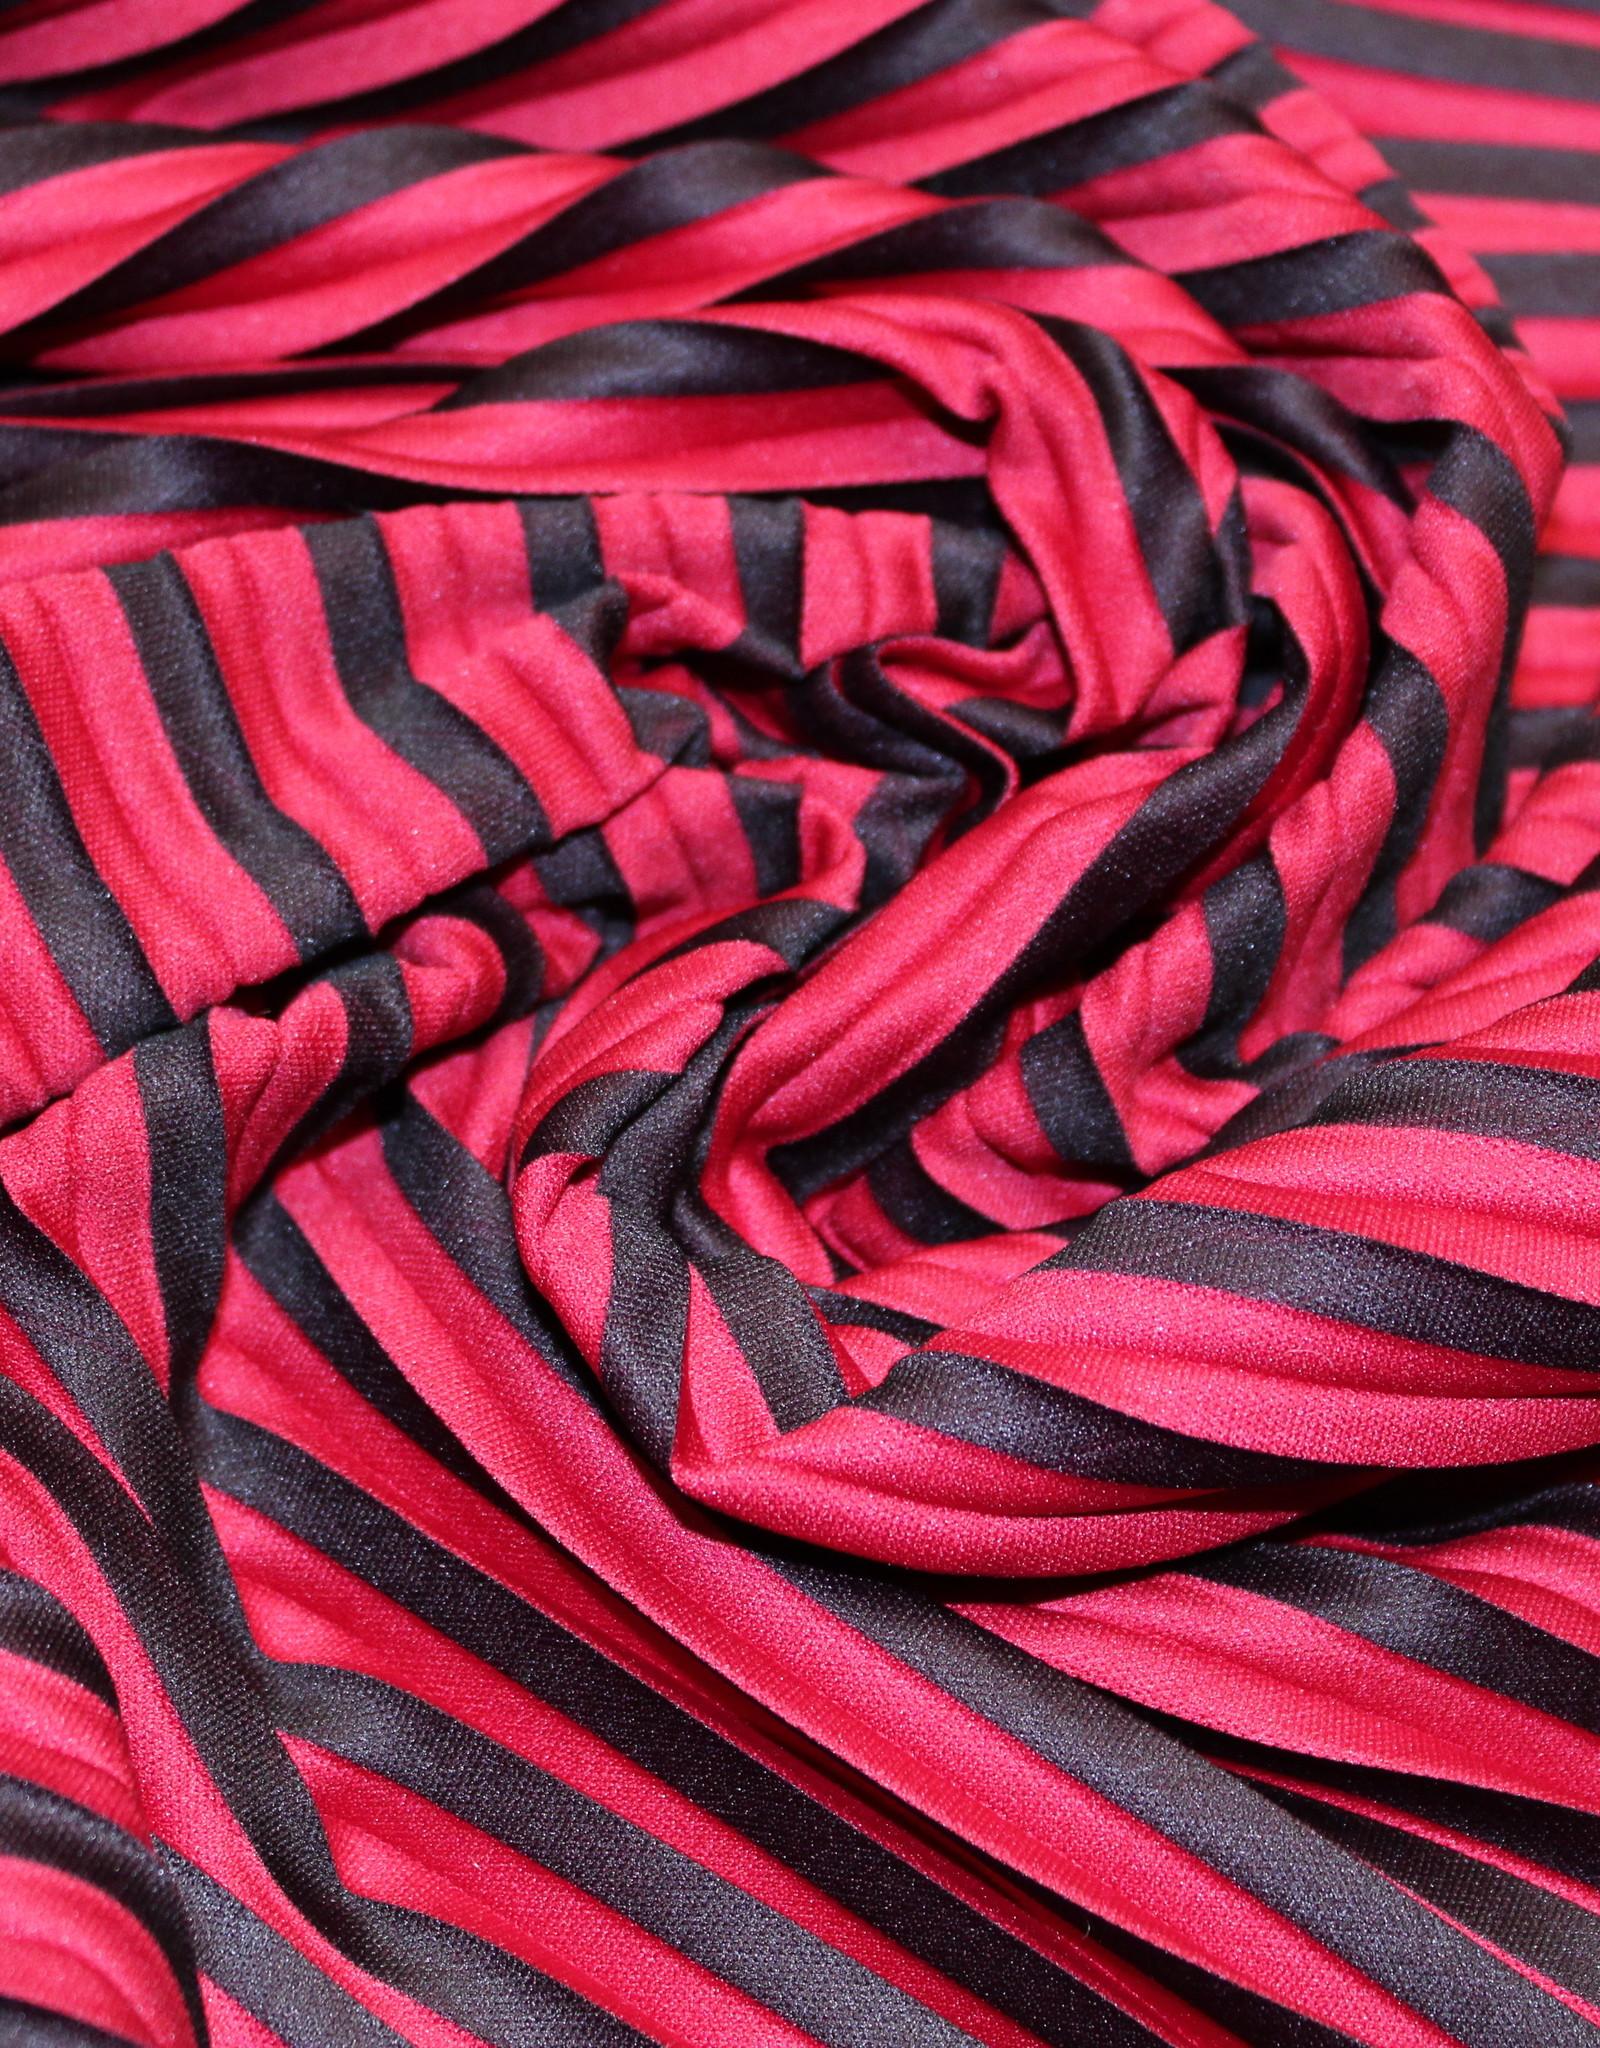 A La Ville Haute Couture coupon Plissée rood/zwart 120x160cm